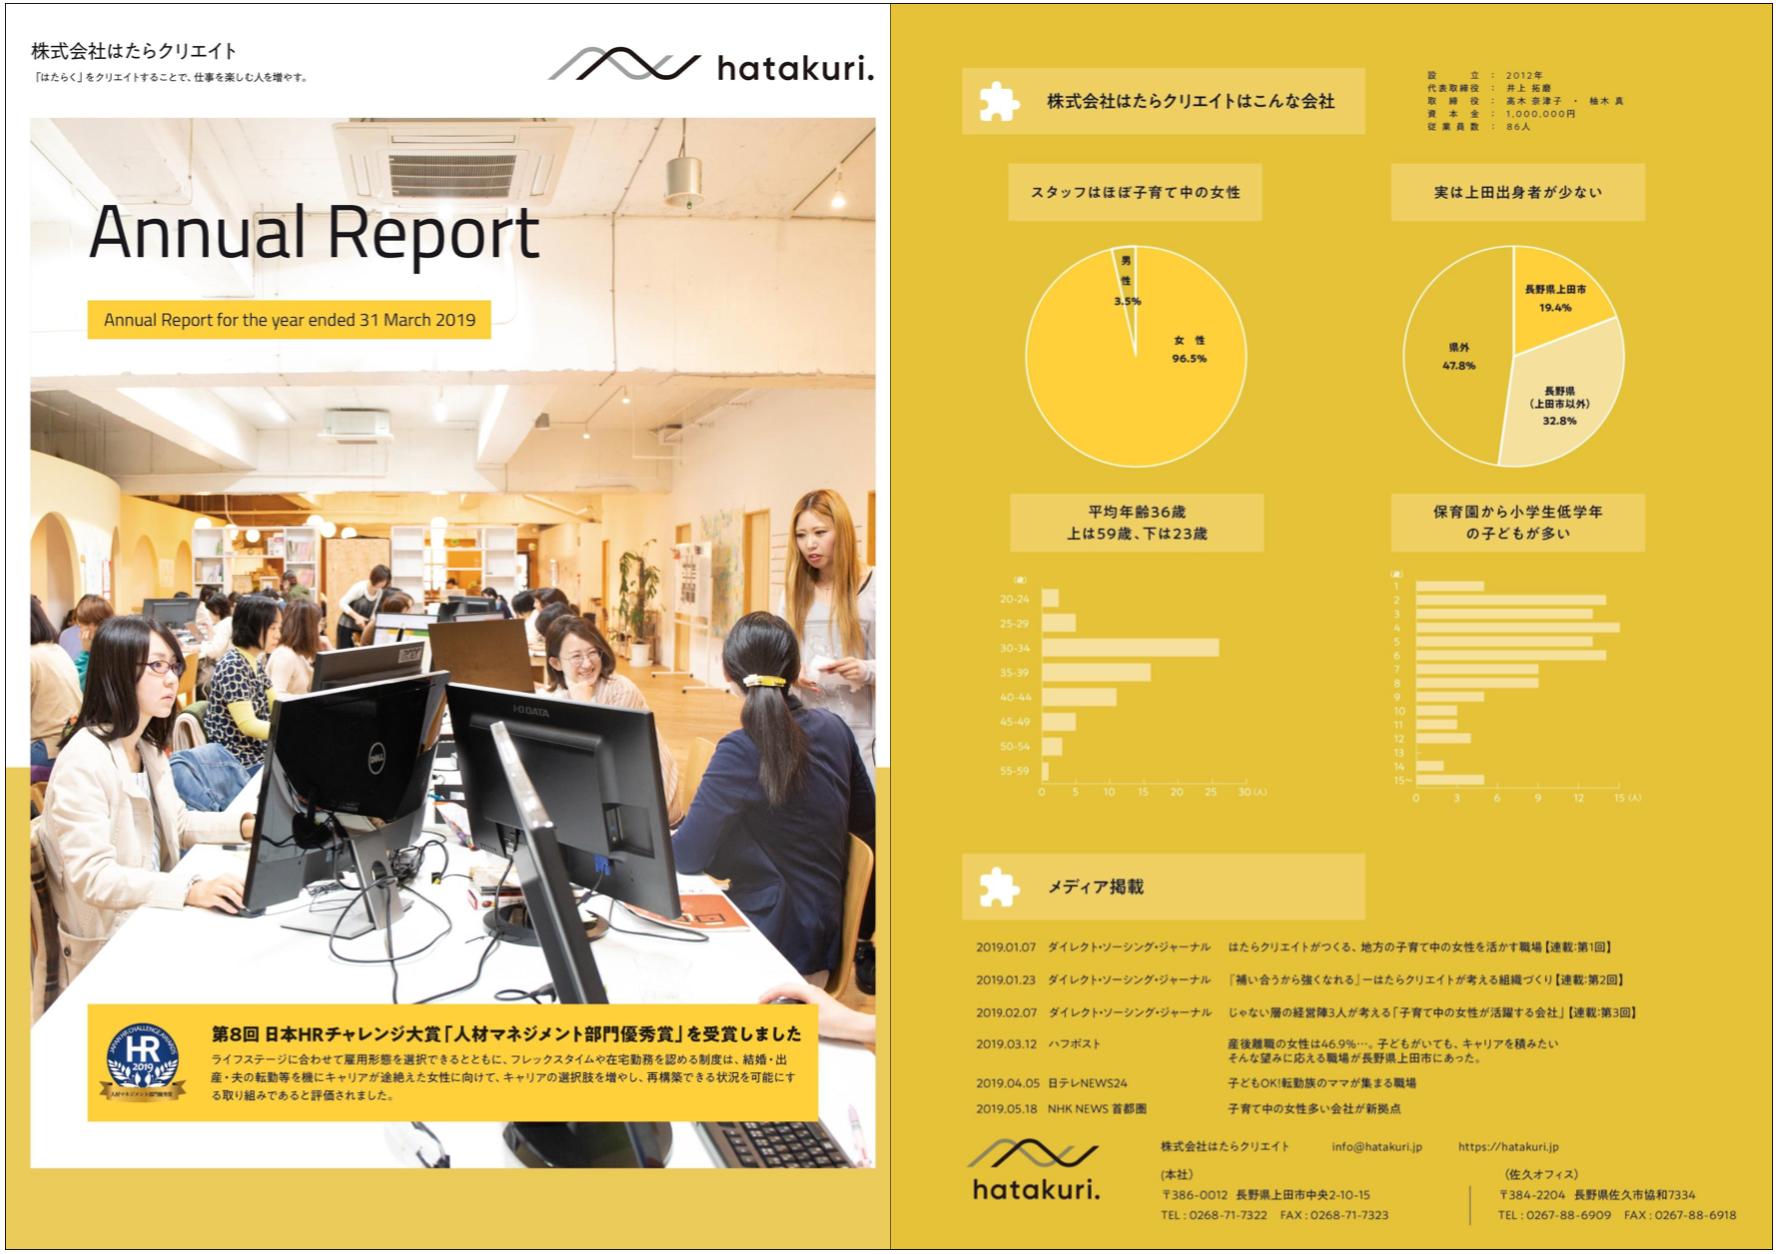 《アニュアルレポート2019》株式会社はたらクリエイト